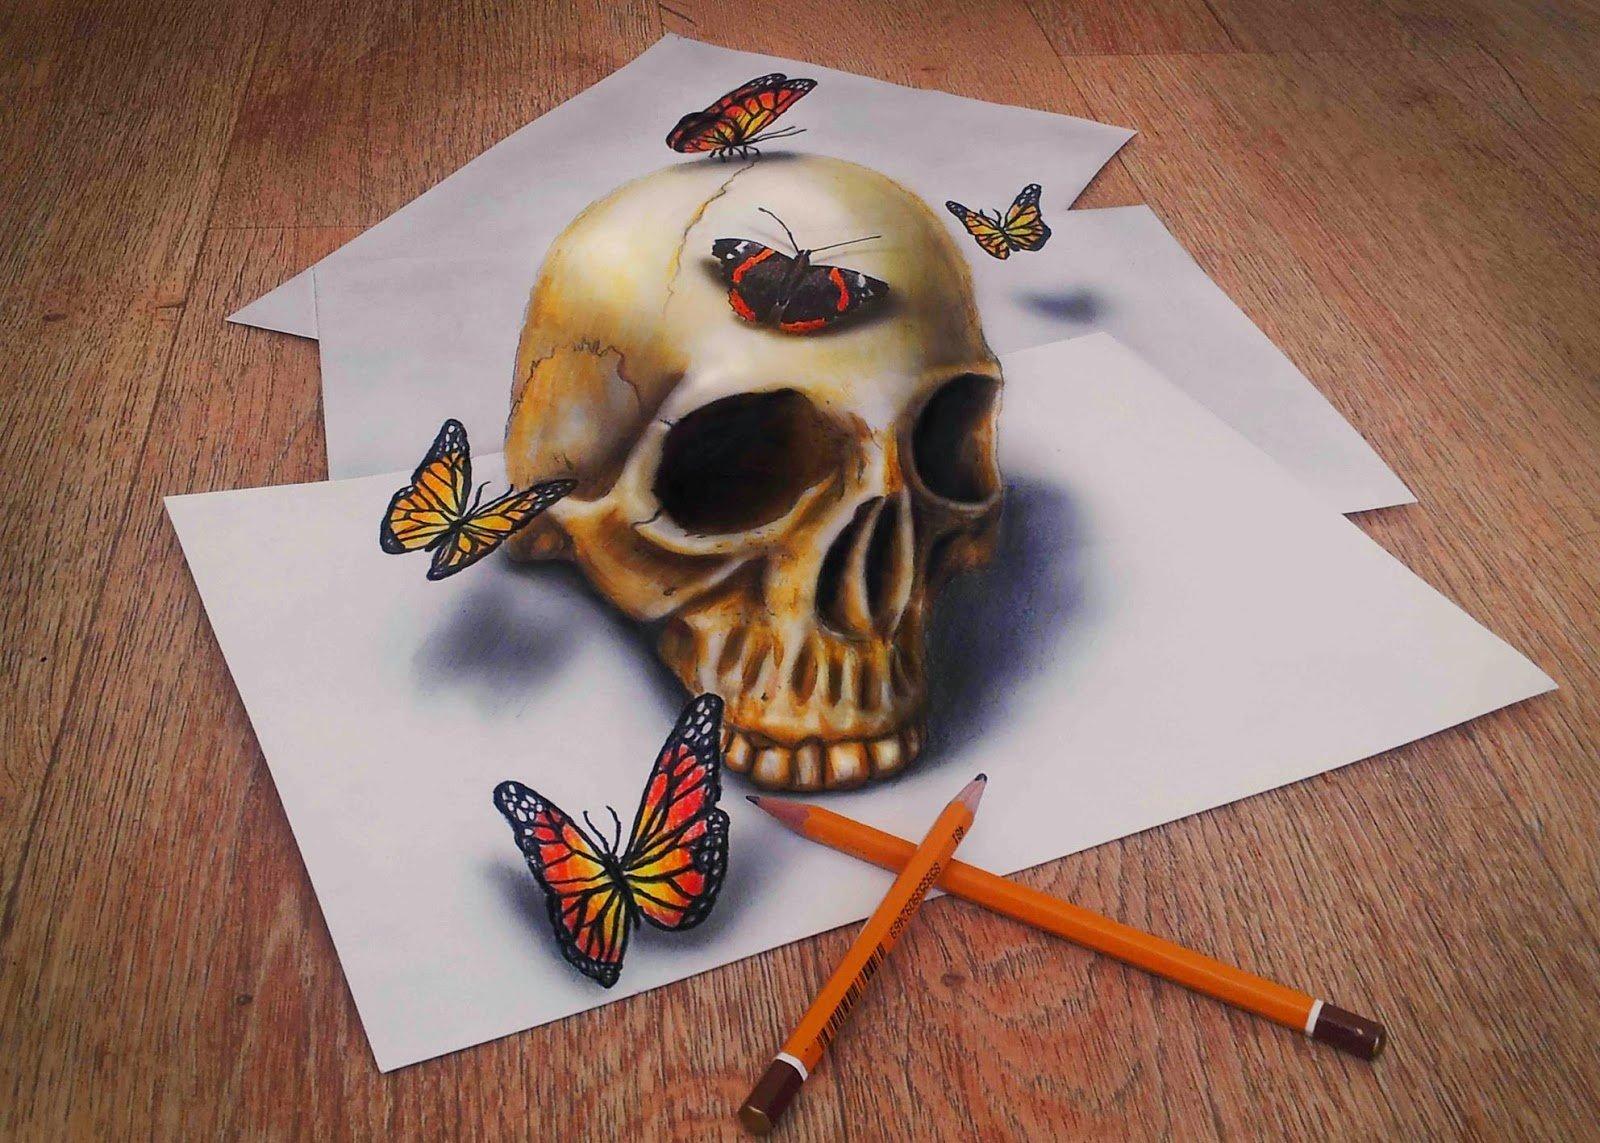 Impresionare dibujos con efecto 3d en simples hojas de papel for 3d drawing online